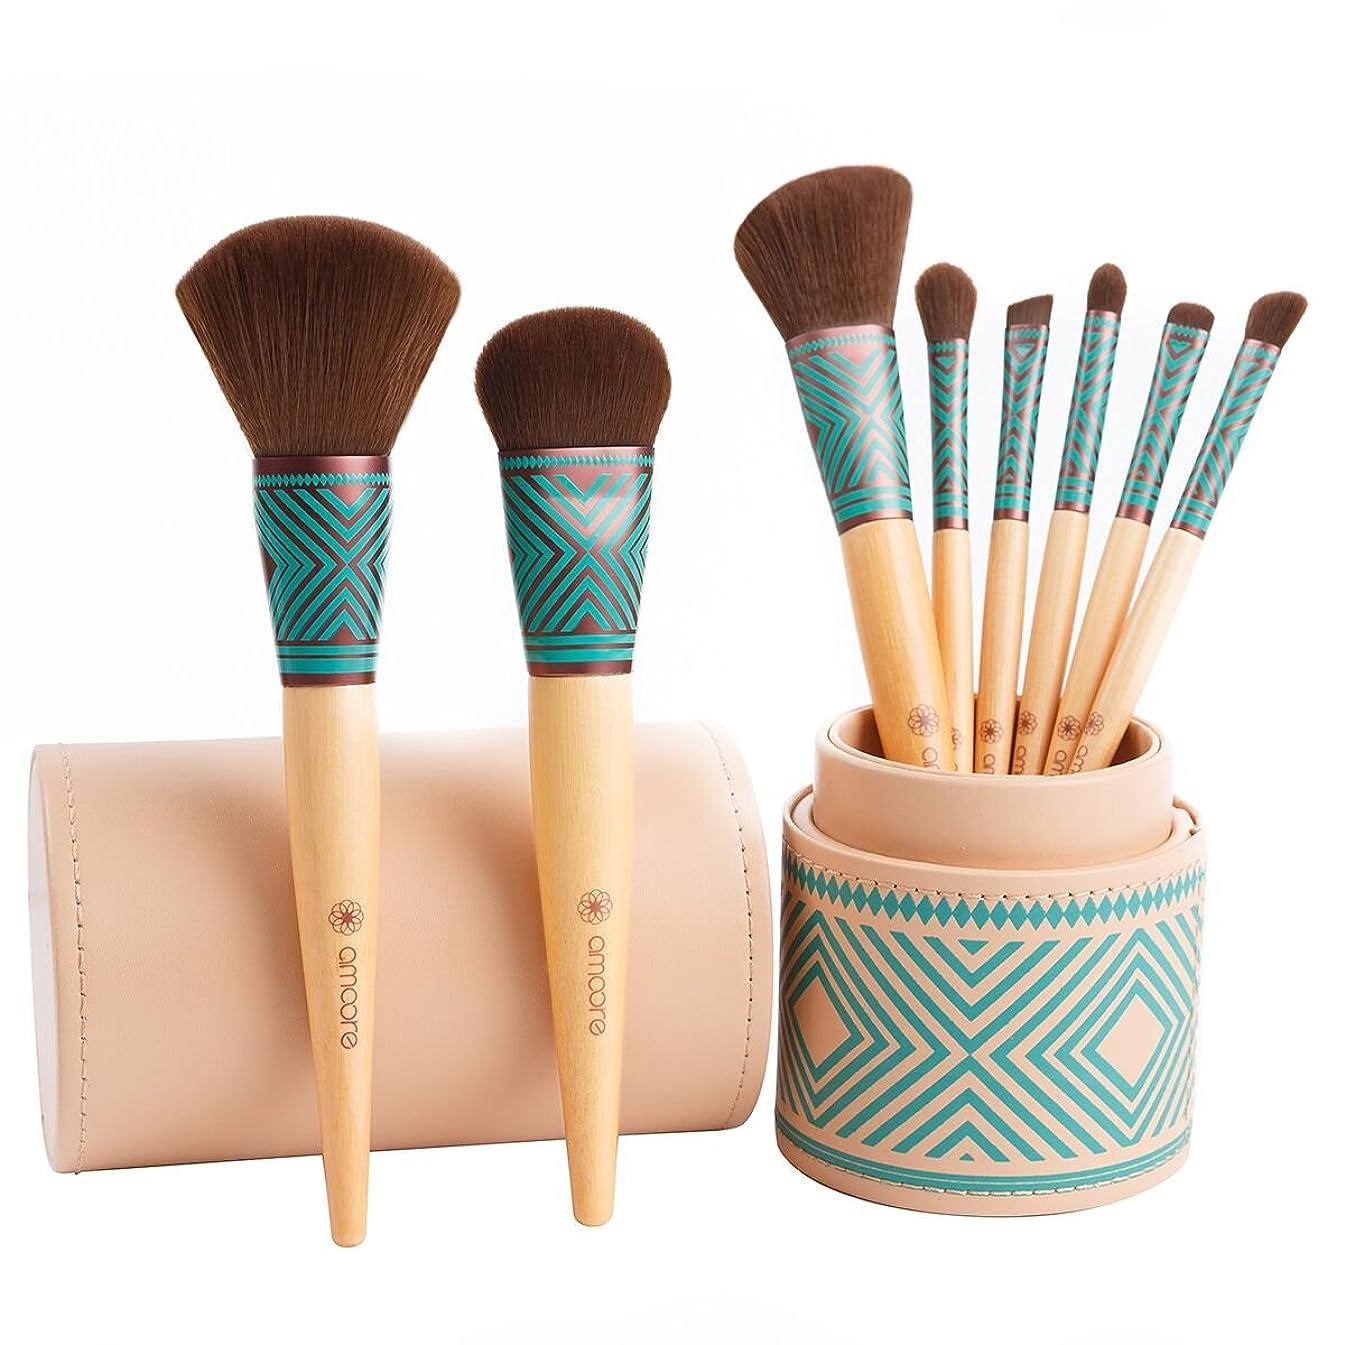 数学的なお父さん火山のamoore 8本 化粧筆 メイクブラシセット 化粧ブラシ セット コスメ ブラシ 収納ケース付き